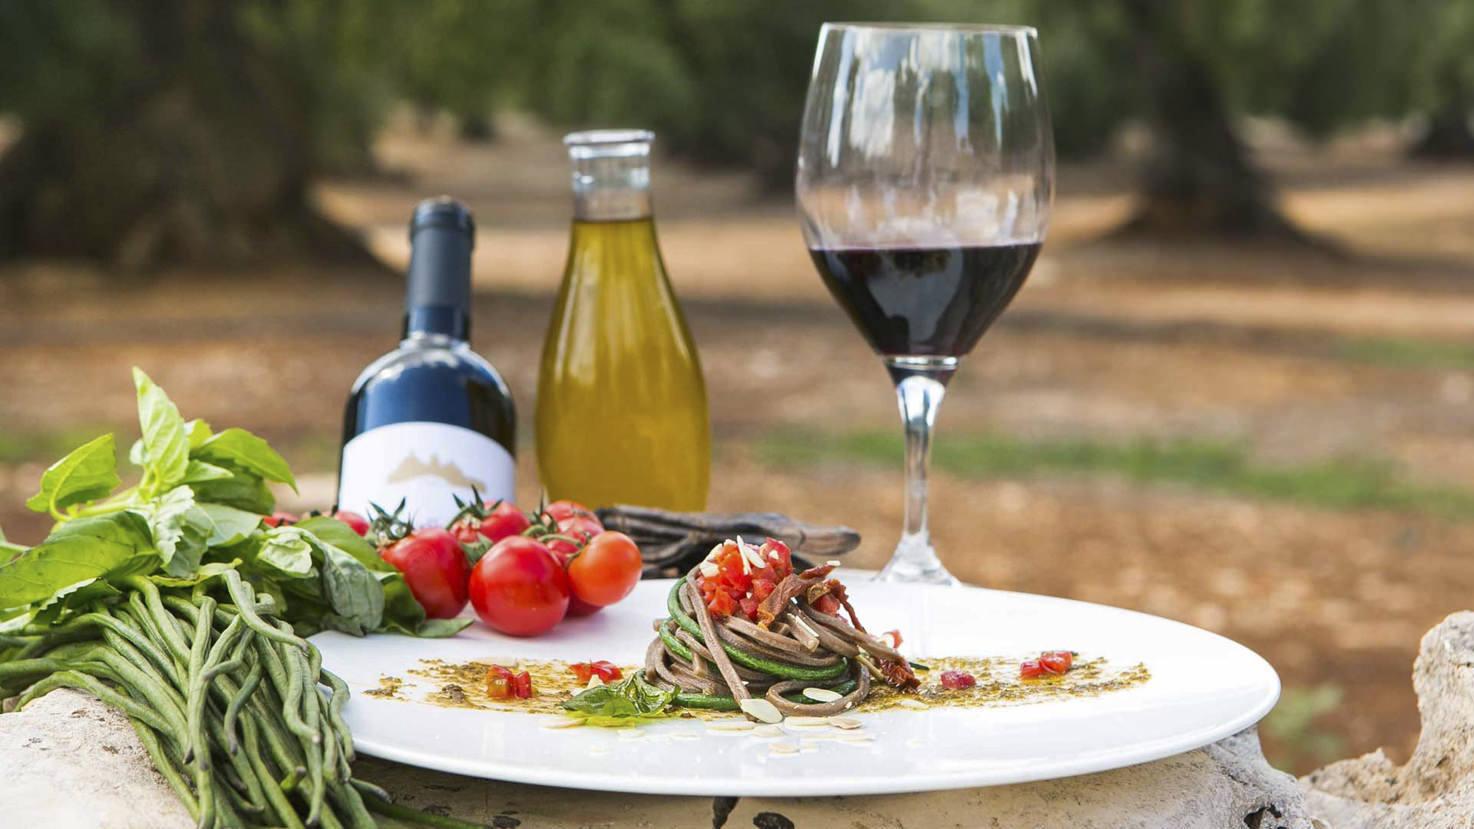 Vegetarian cuisine at Masseria Le Carrube